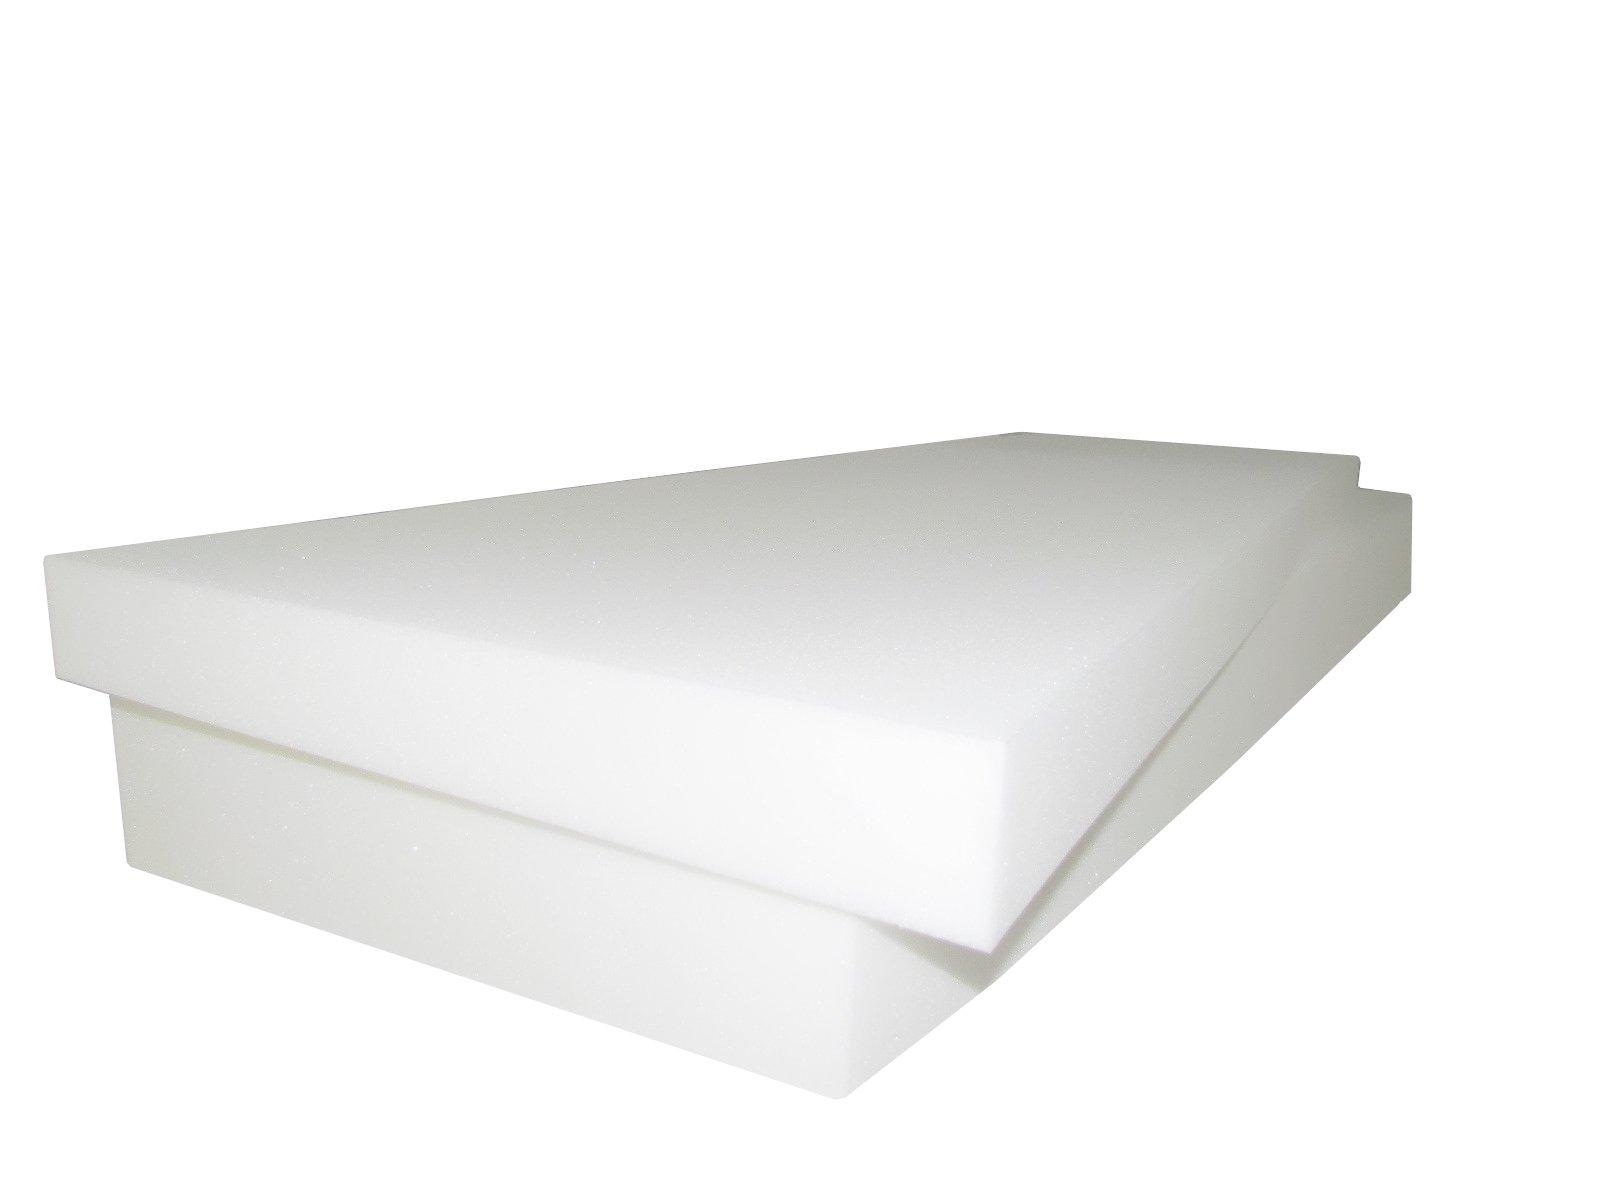 Foam Cushion 7''T x 30''W x 80''L (1536) ''MEDIUM FIRM'' Seat Replacement Foam Cushion, Upholstery Foam Slab, Foam Padding